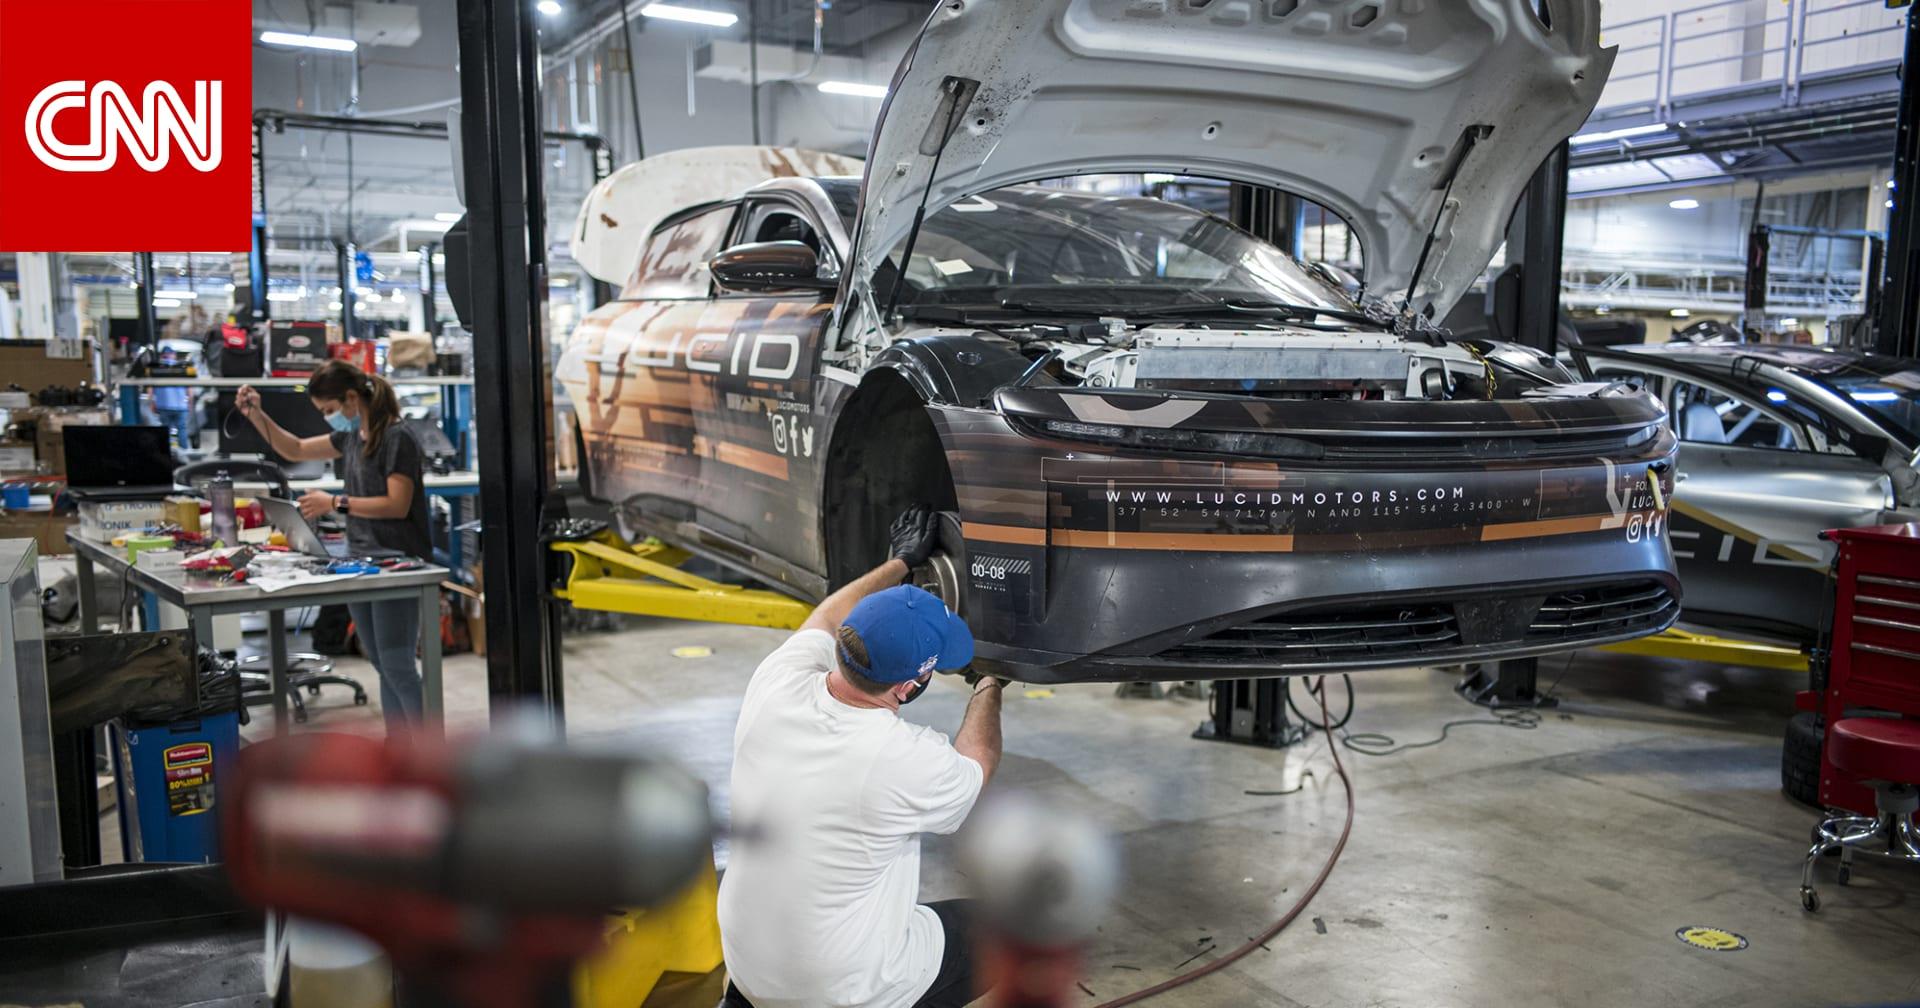 """ستنافس """"تسلا"""".. """"لوسيد"""" للسيارات الكهربائية تندمج مع CCIV وتجمع أكثر من 4 مليار دولار"""